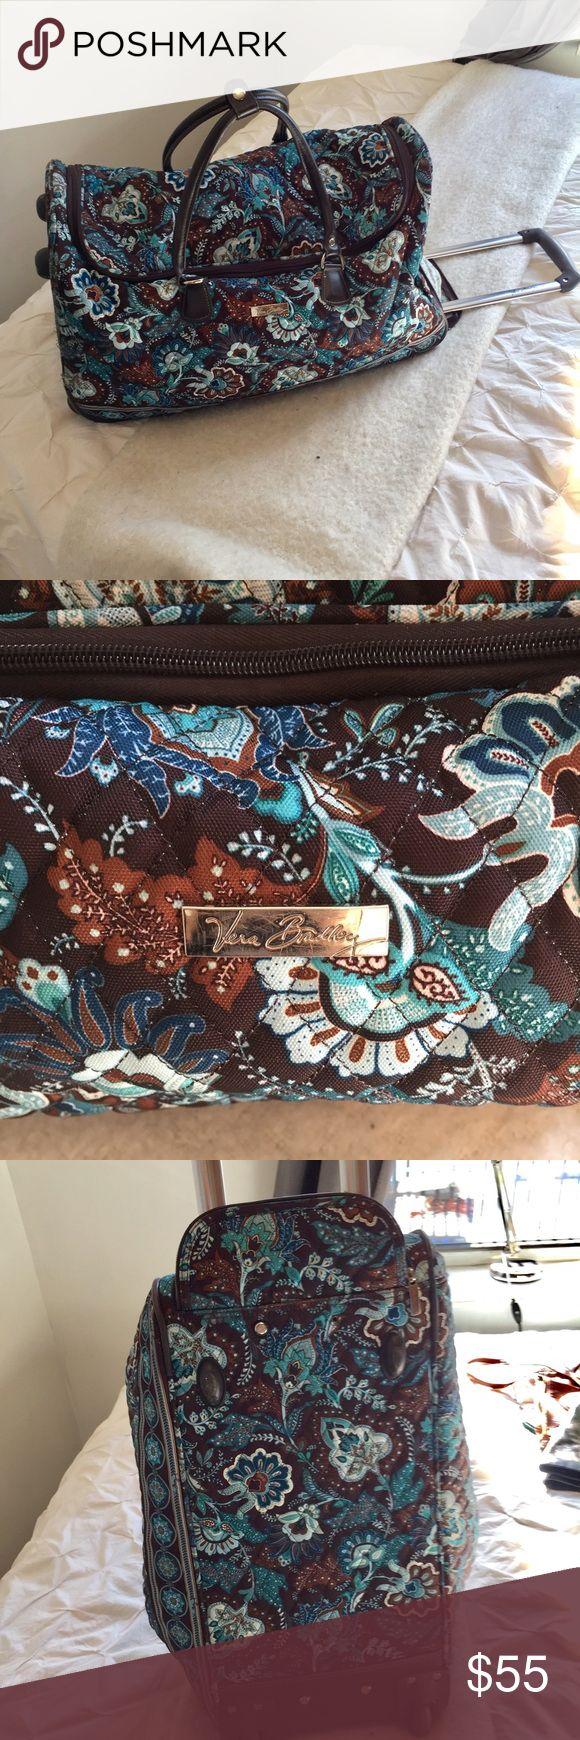 Vera Bradley wheeled duffel bag! Amazing condition wheeled Vera Bradley duffel bag. Great bag for weekend trips. Vera Bradley Bags Travel Bags